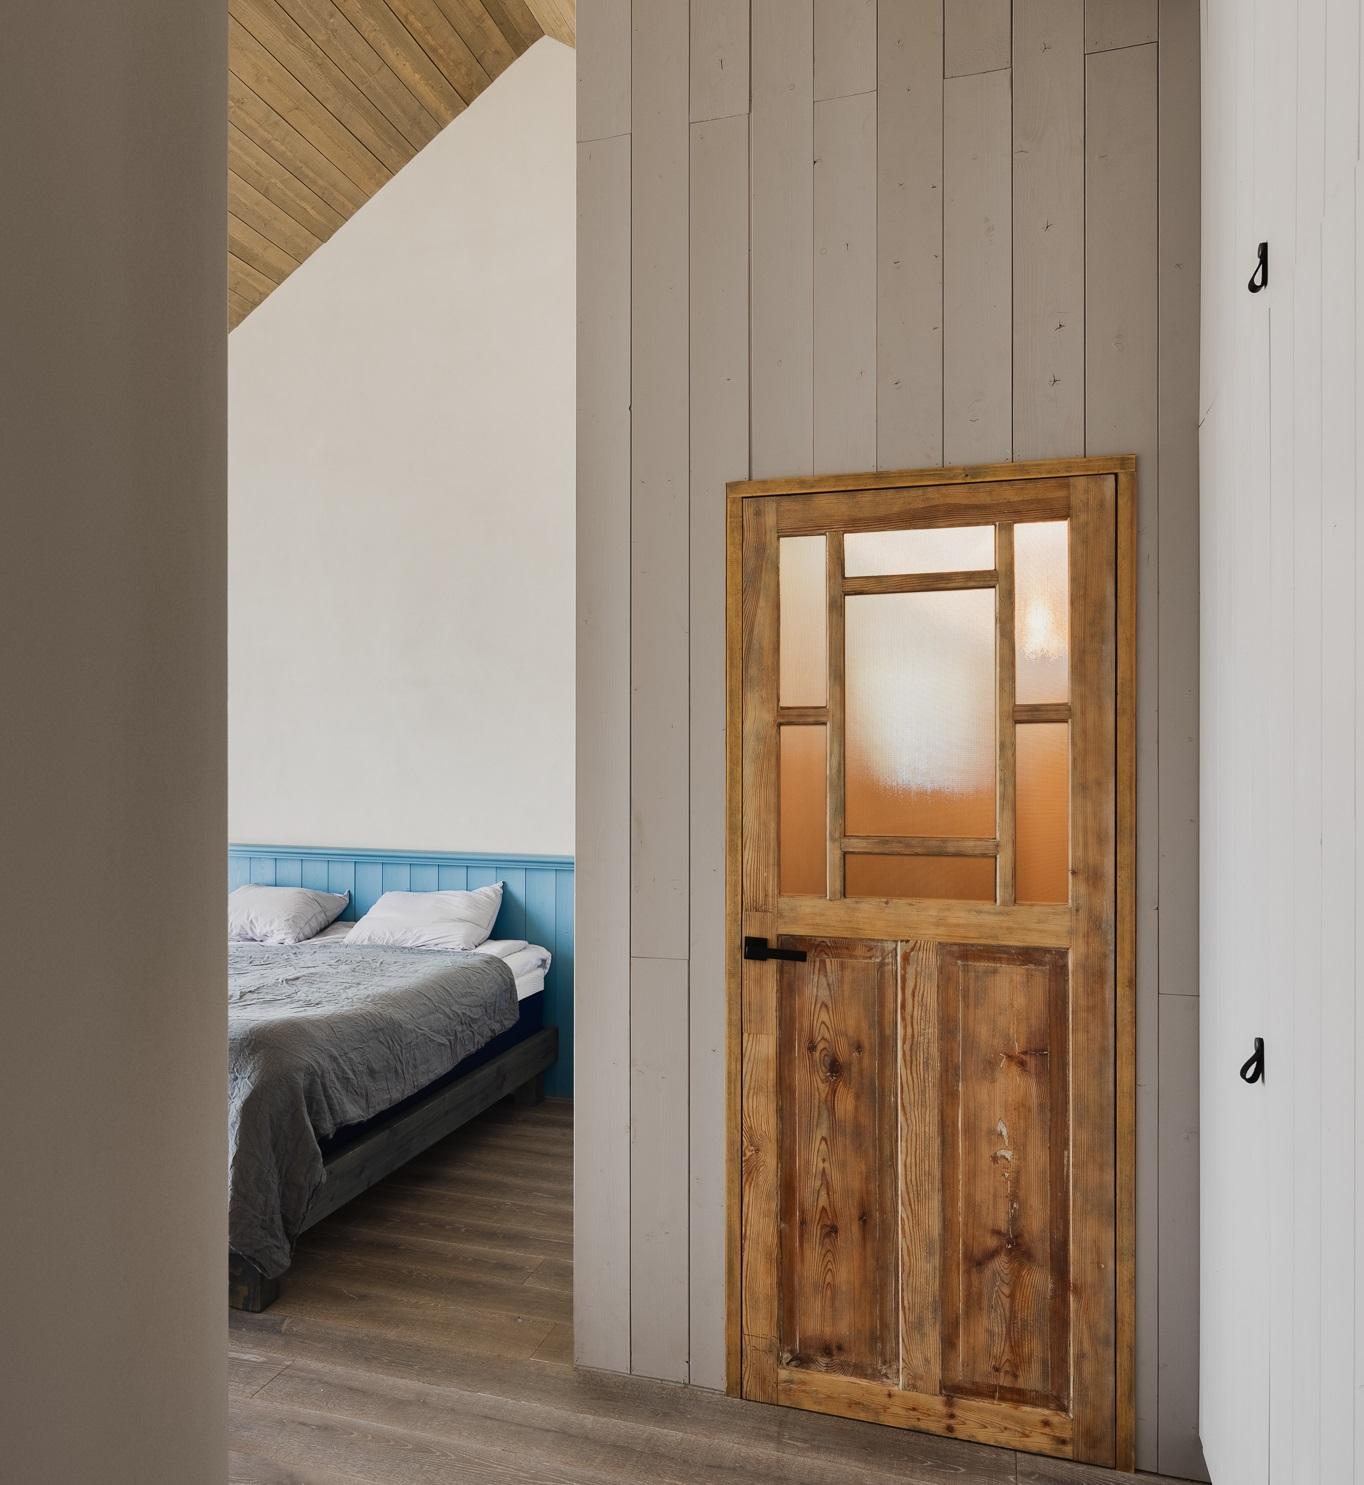 Tetto di legno e pannelli alle pareti